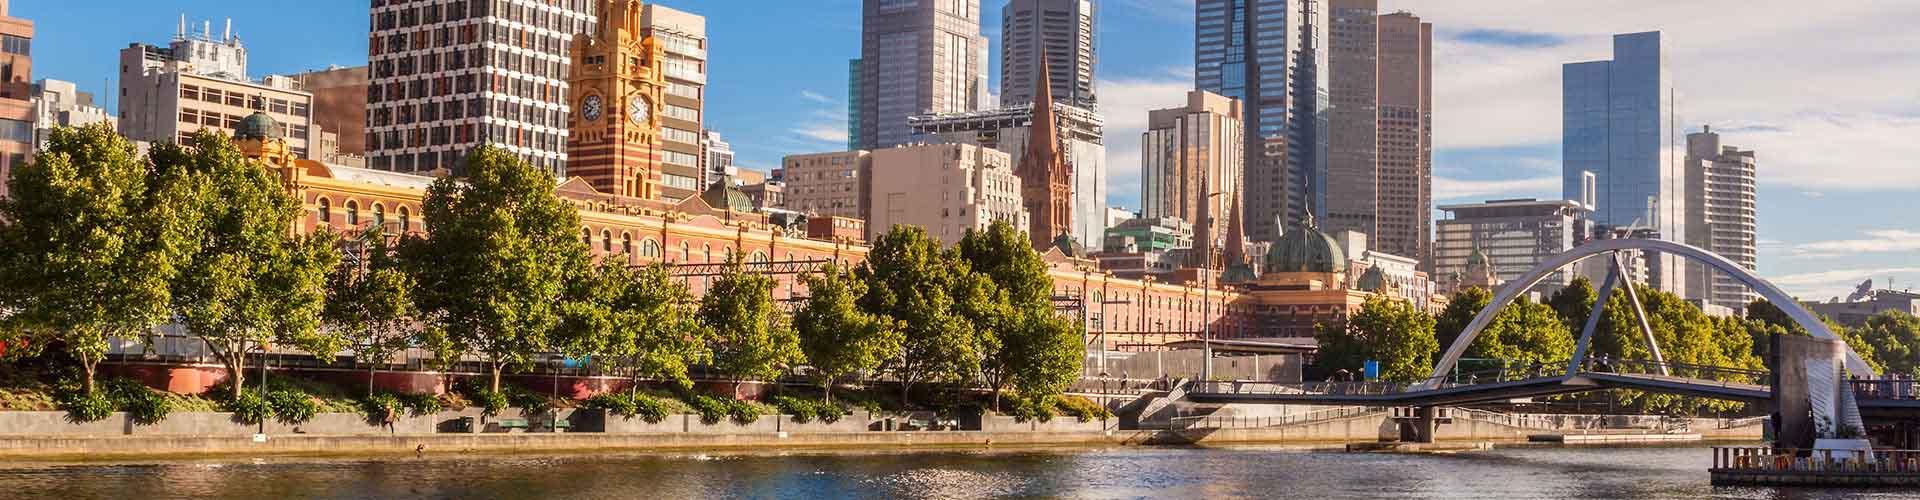 Melbourne - Camping w dzielnicy: Melbourne, Mapy dzielnicy: Melbourne, Zdjęcia i Recenzje dla każdego campingu w dzielnicy: Melbourne.